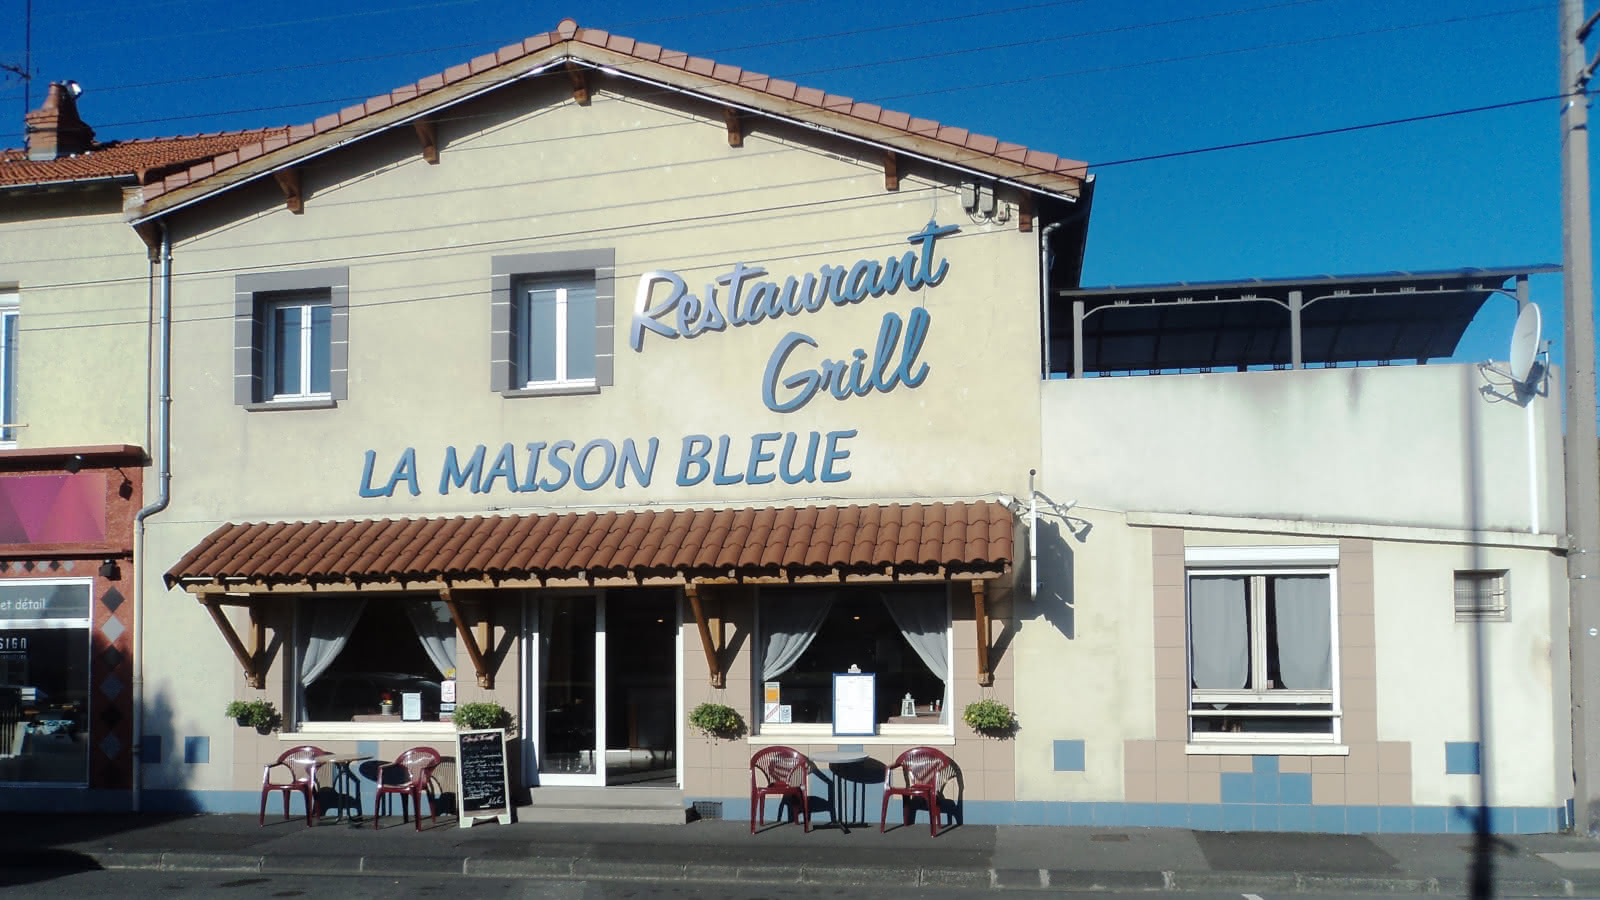 © Façade - Restaurant - La maison bleue